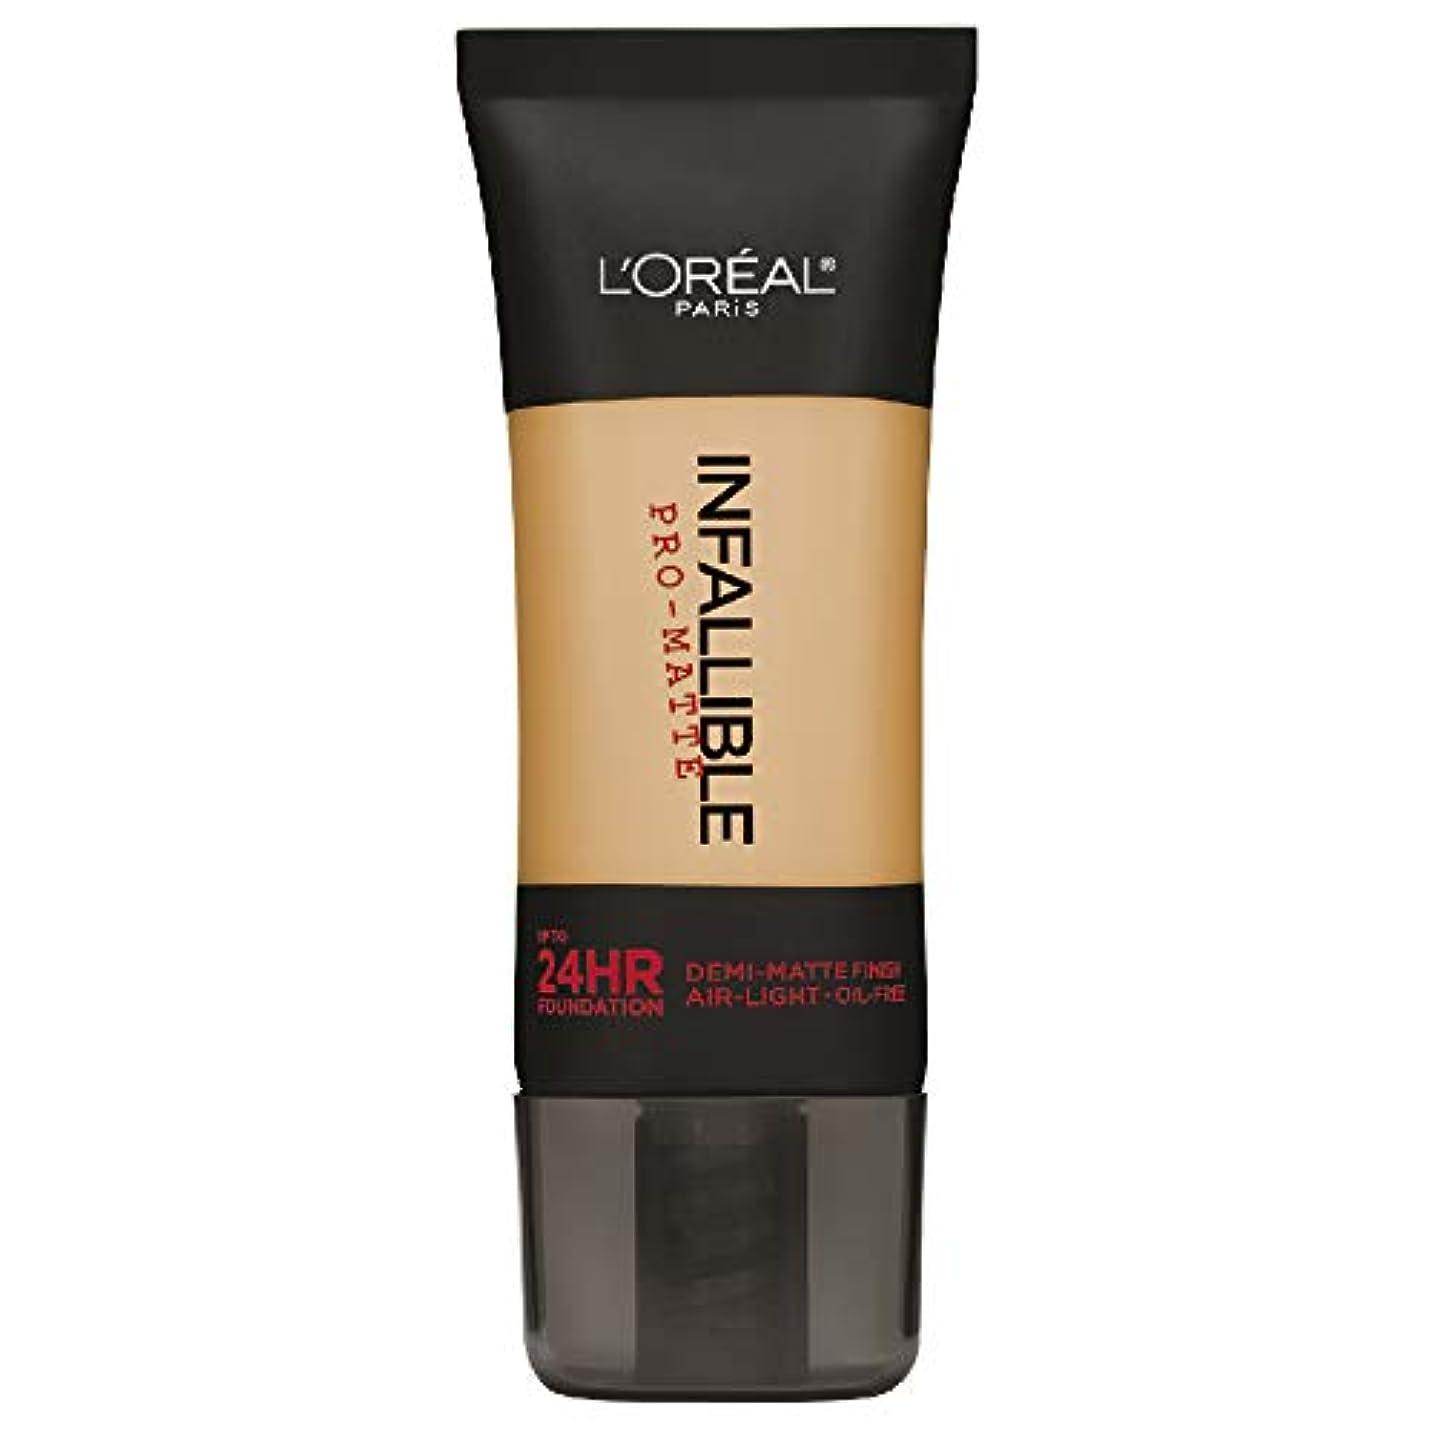 魔術ヒロイン上へL'Oreal Paris Infallible Pro-Matte Foundation Makeup, 106 Sun Beige, 1 fl. oz[並行輸入品]